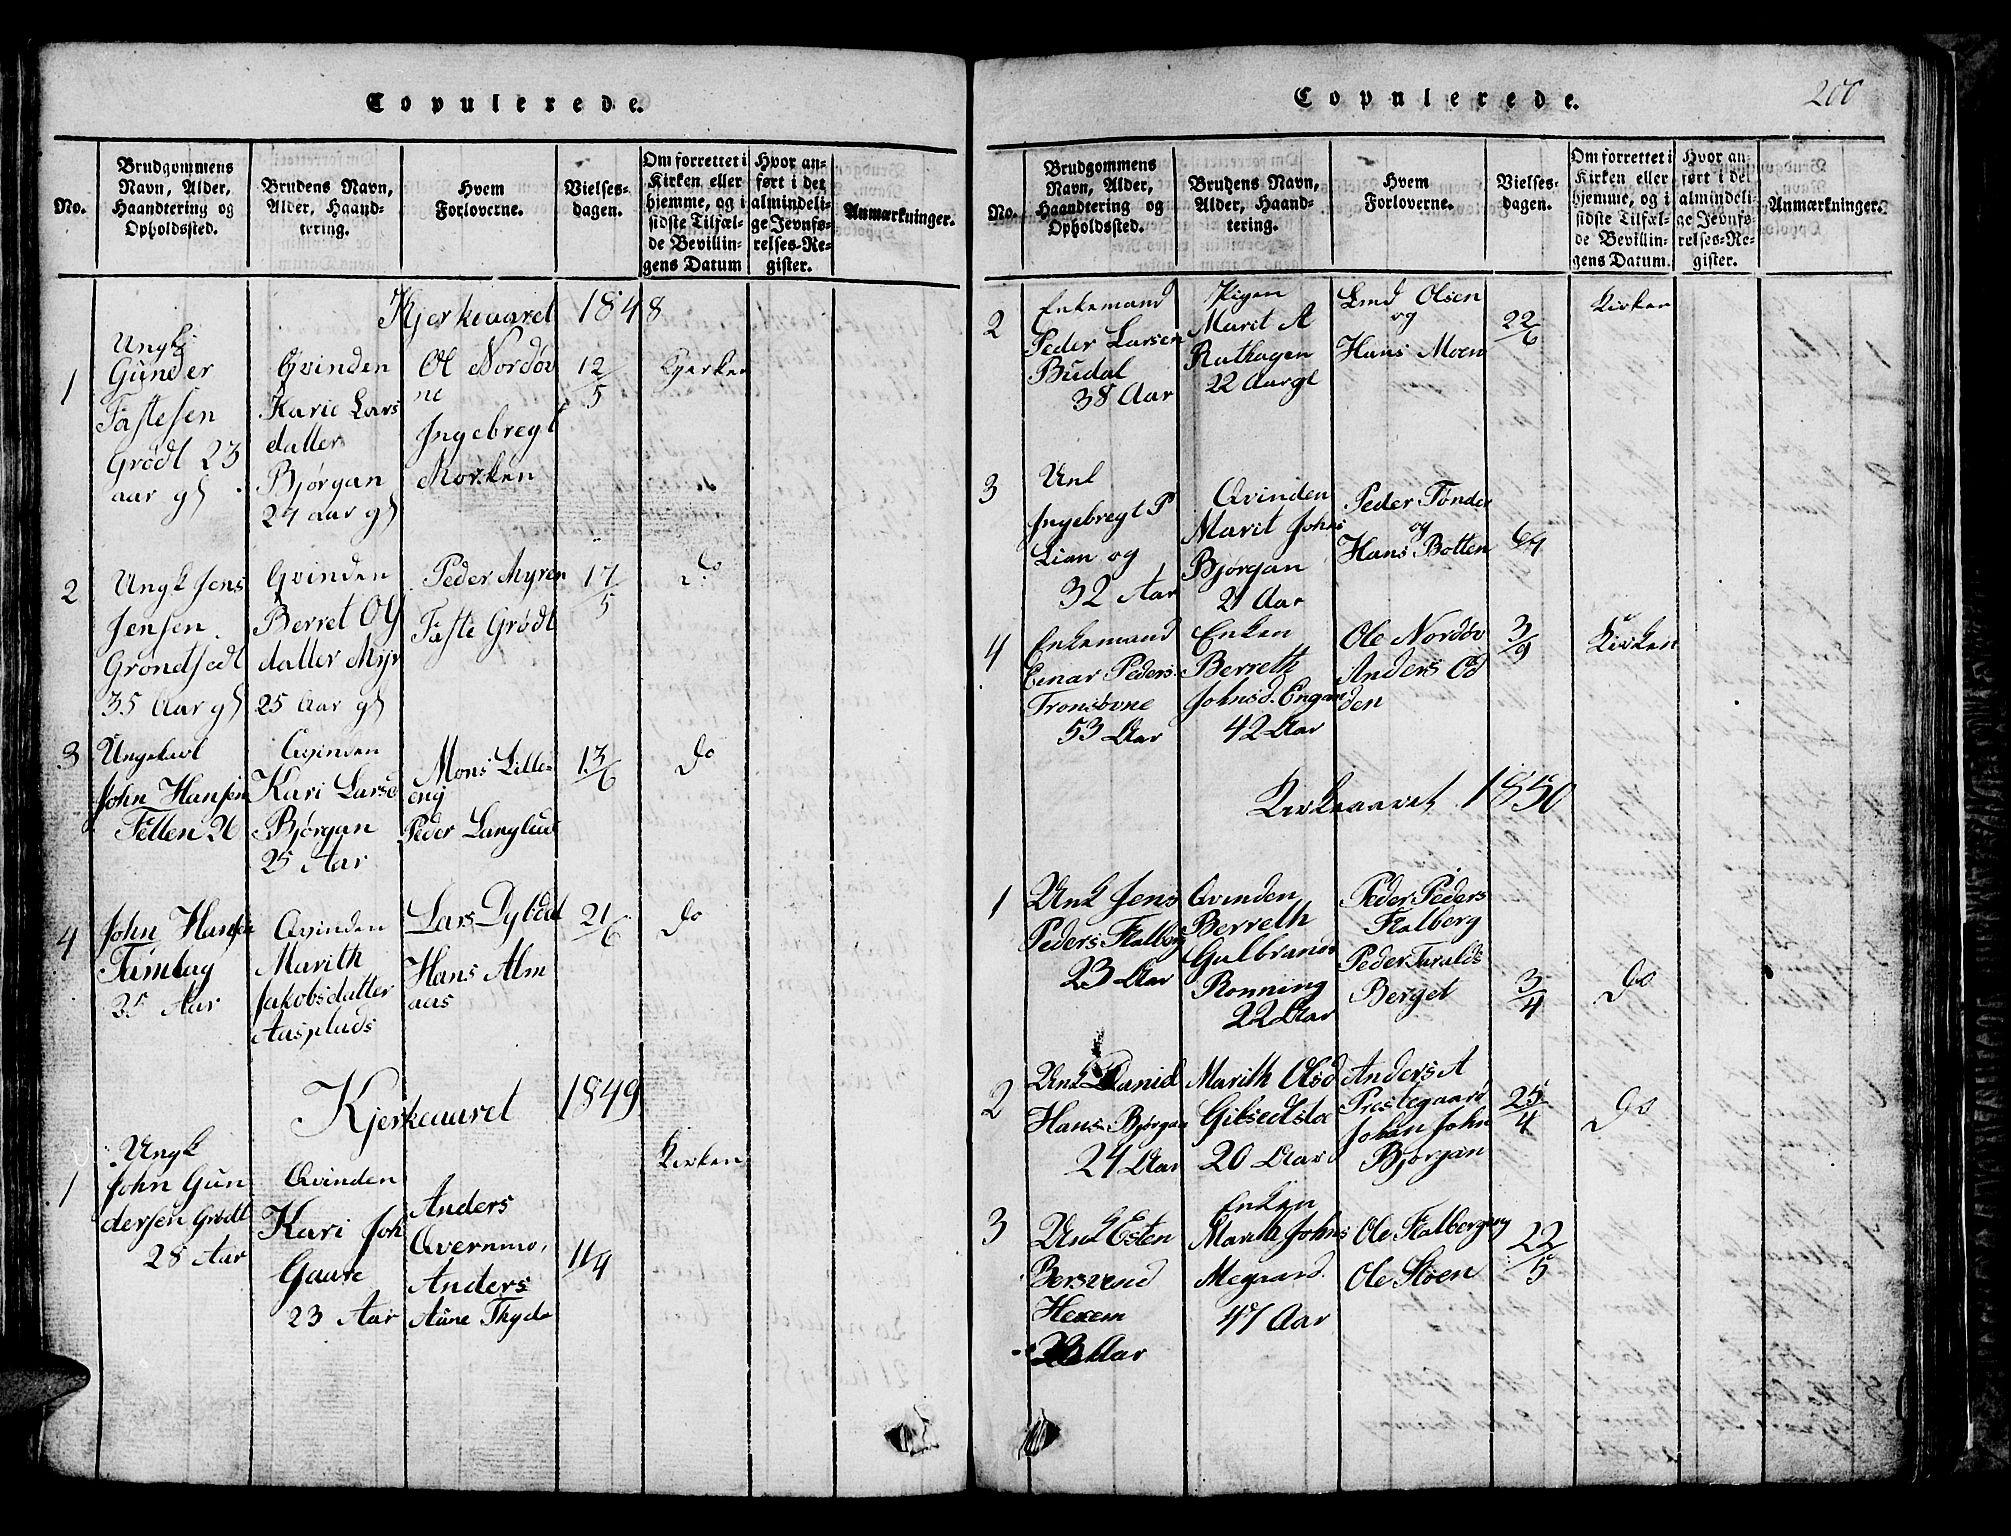 SAT, Ministerialprotokoller, klokkerbøker og fødselsregistre - Sør-Trøndelag, 685/L0976: Klokkerbok nr. 685C01, 1817-1878, s. 200